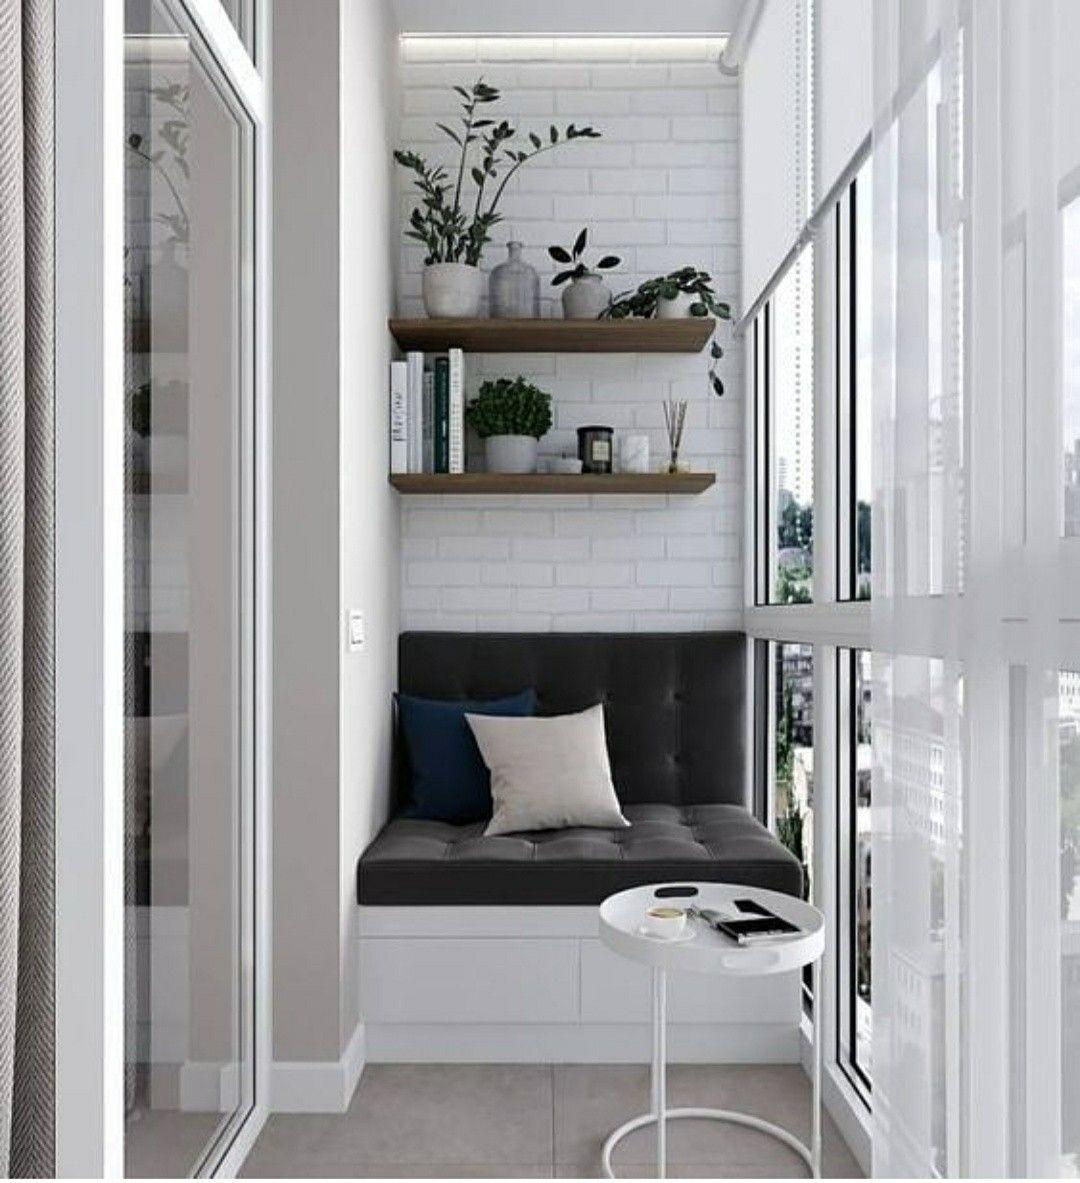 дизайн интерьера балкона фото 3